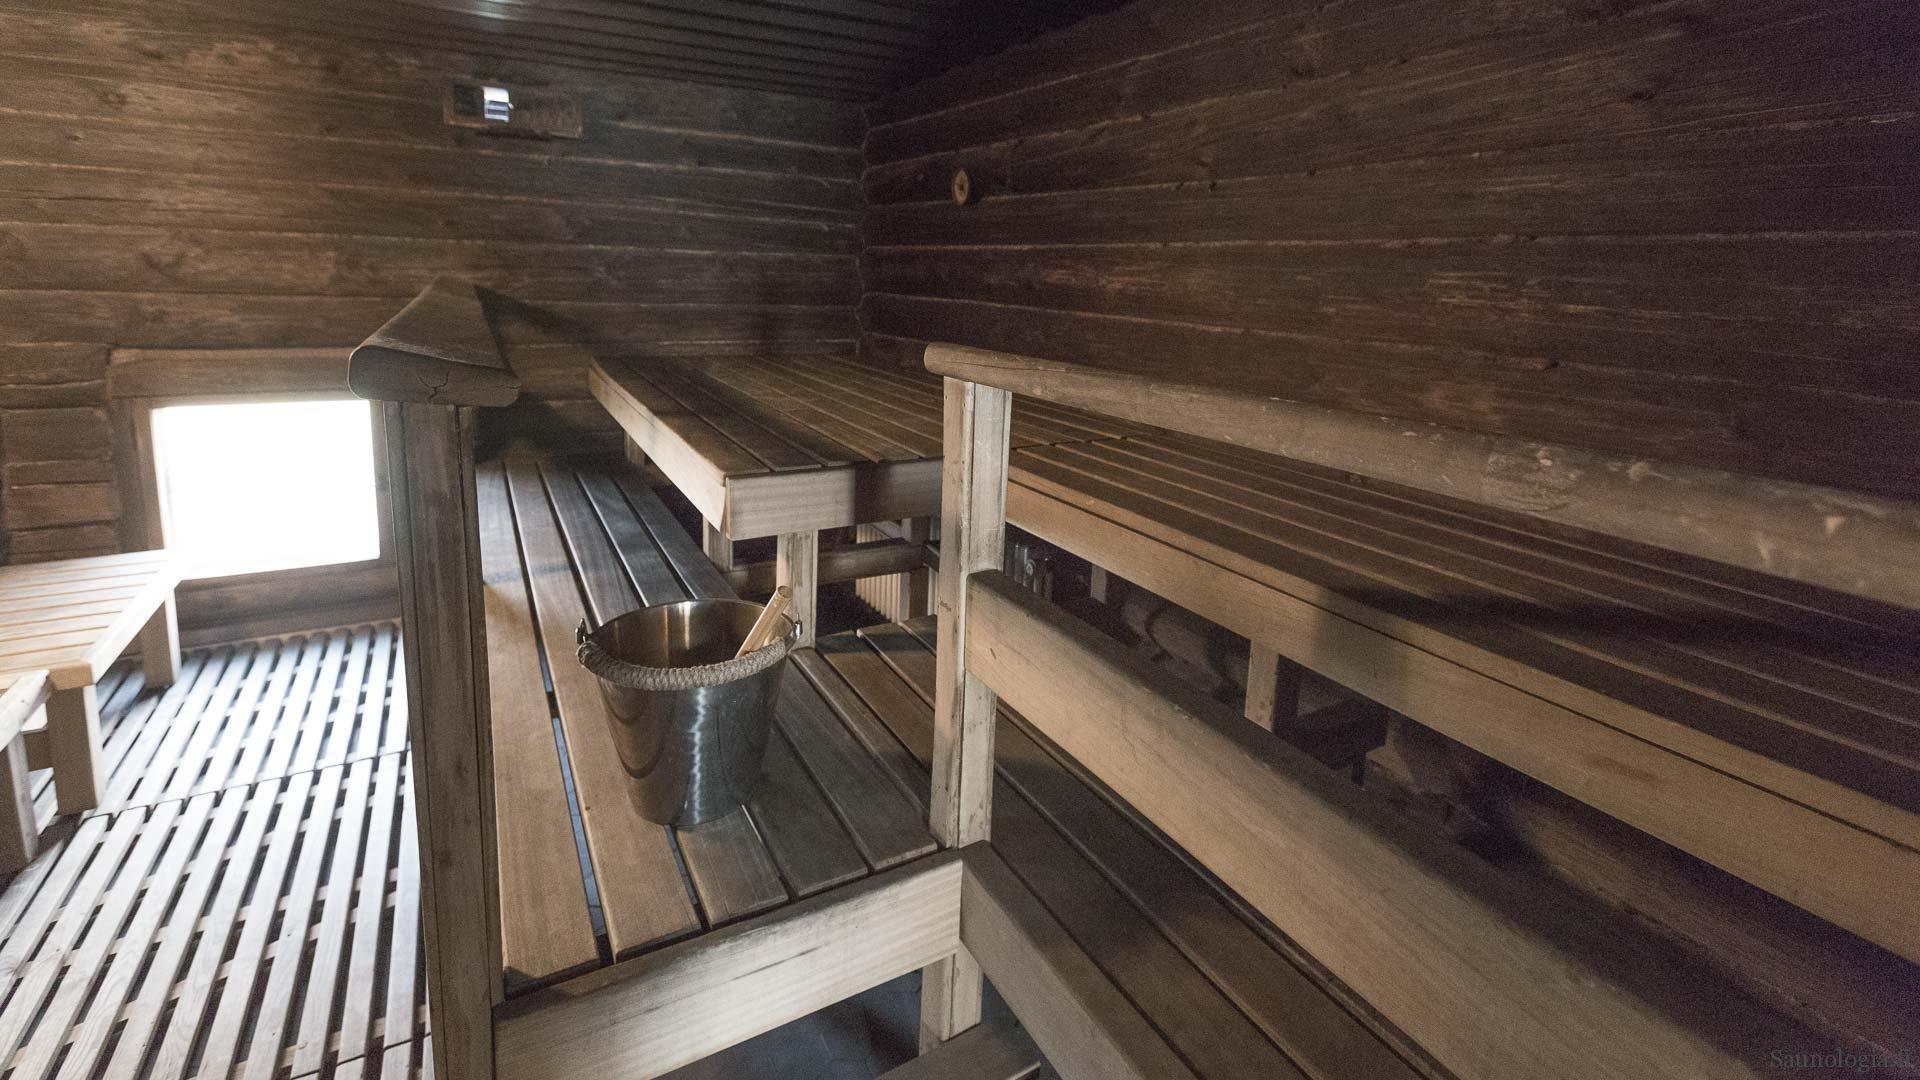 181018-Aitokiuas-Tamminiemi-Kekkonen-lauteet